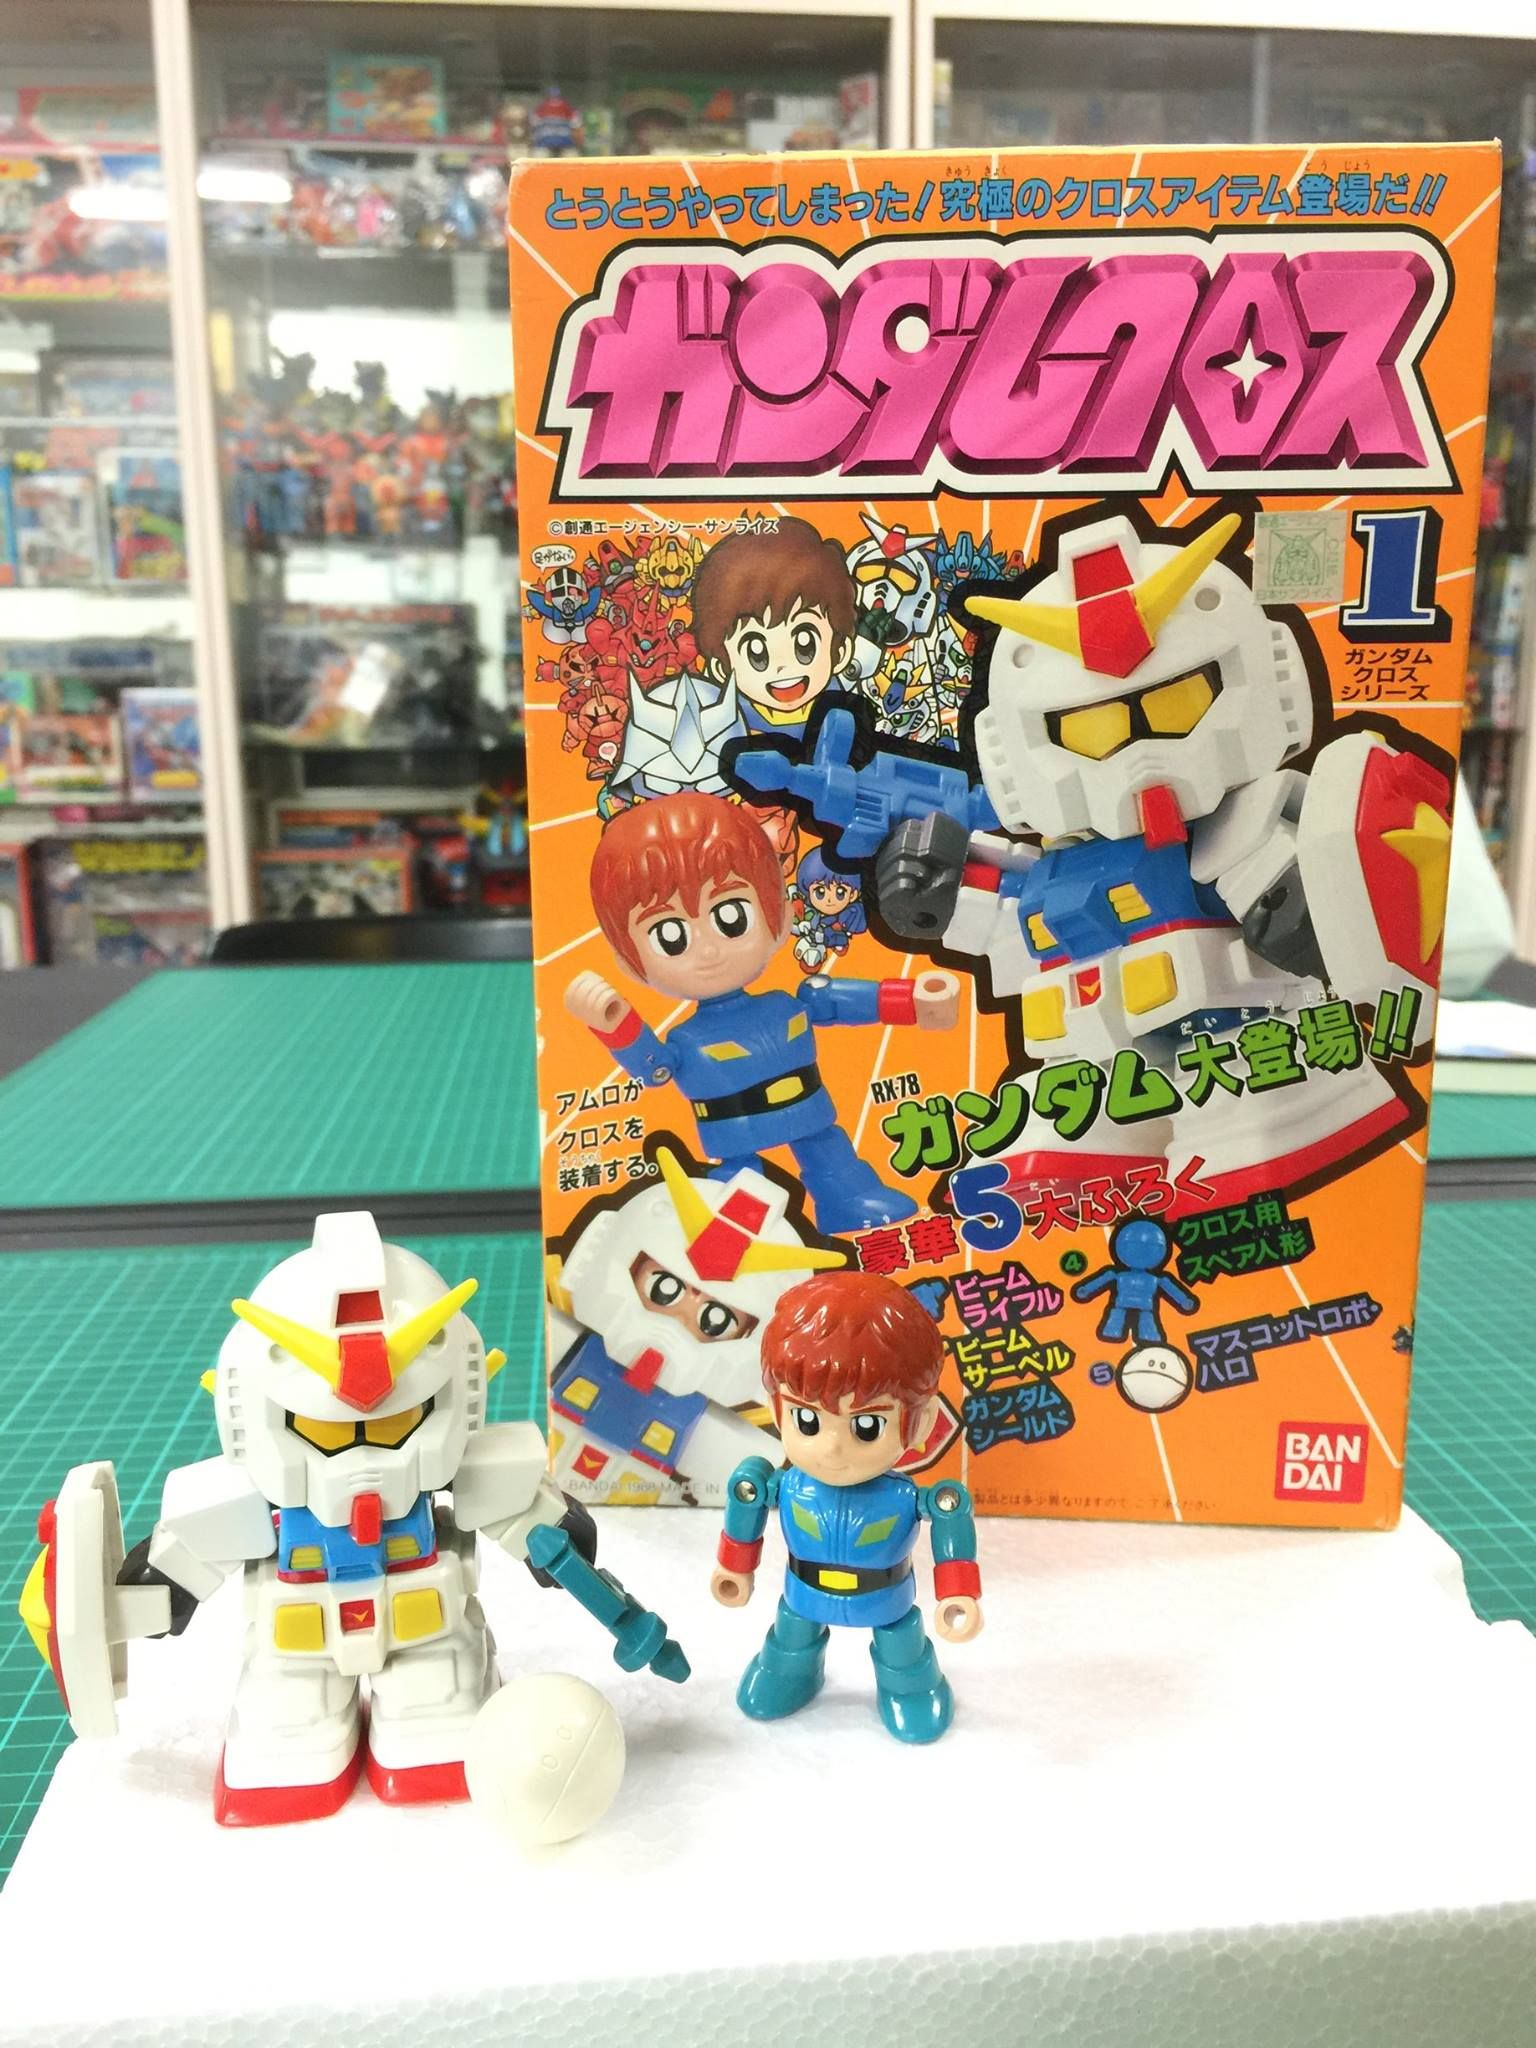 收藏編號:G780176 型號尺寸:1988 小合金玩具 購入地點: 日拍 心得: 忍不住啊~~ 被我看到商品一定要弄到手!! 上次 ...